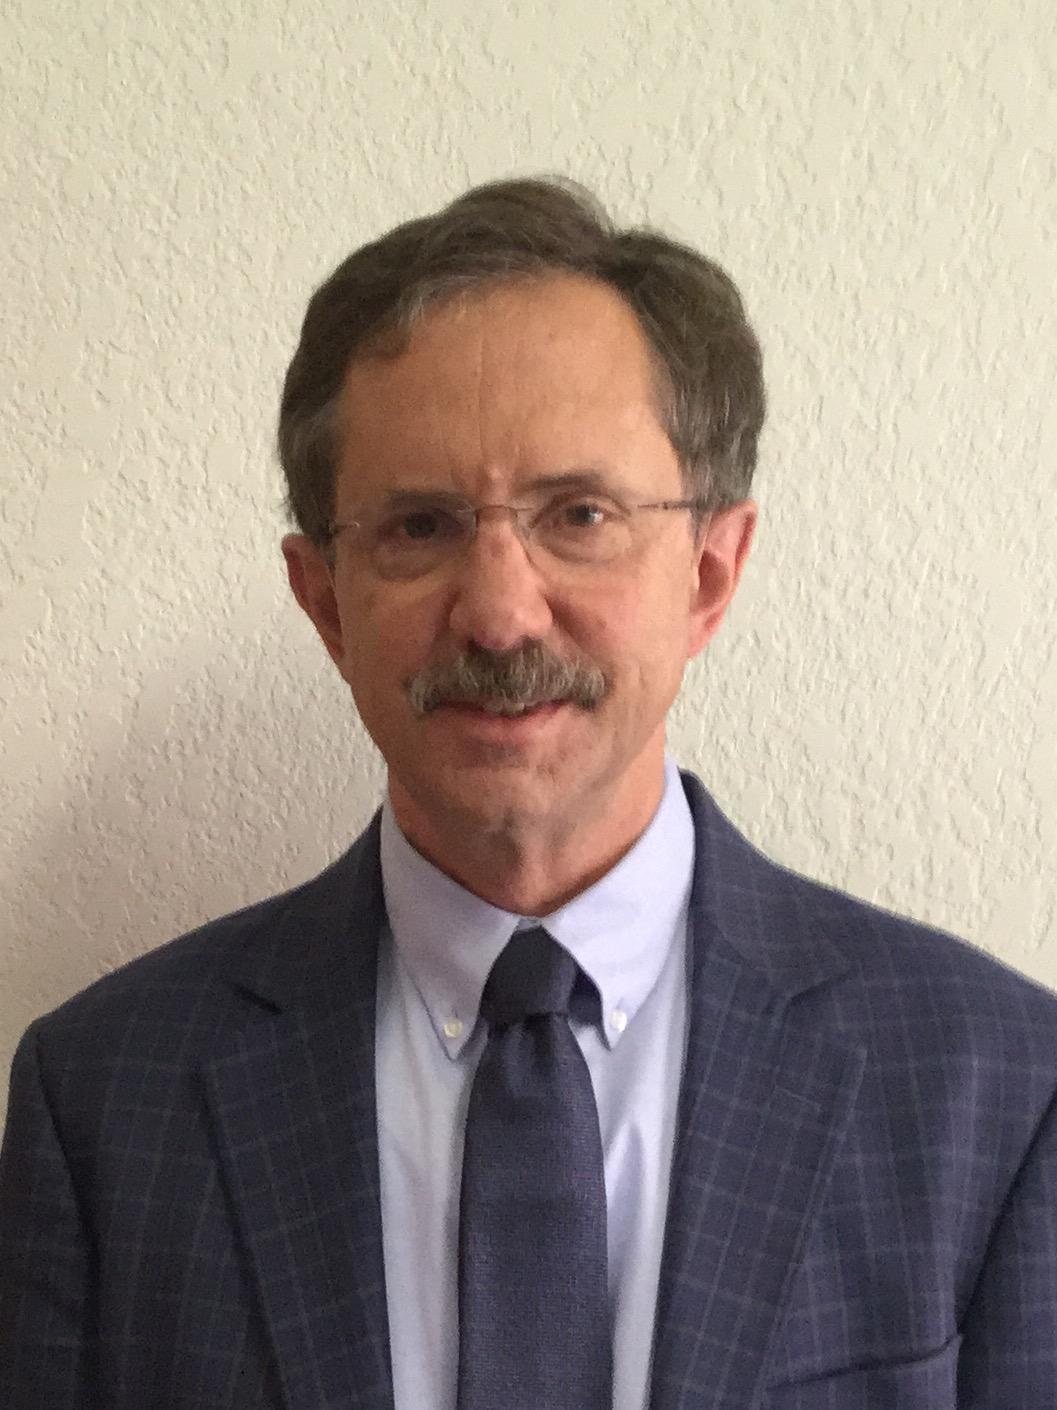 James D. Leach